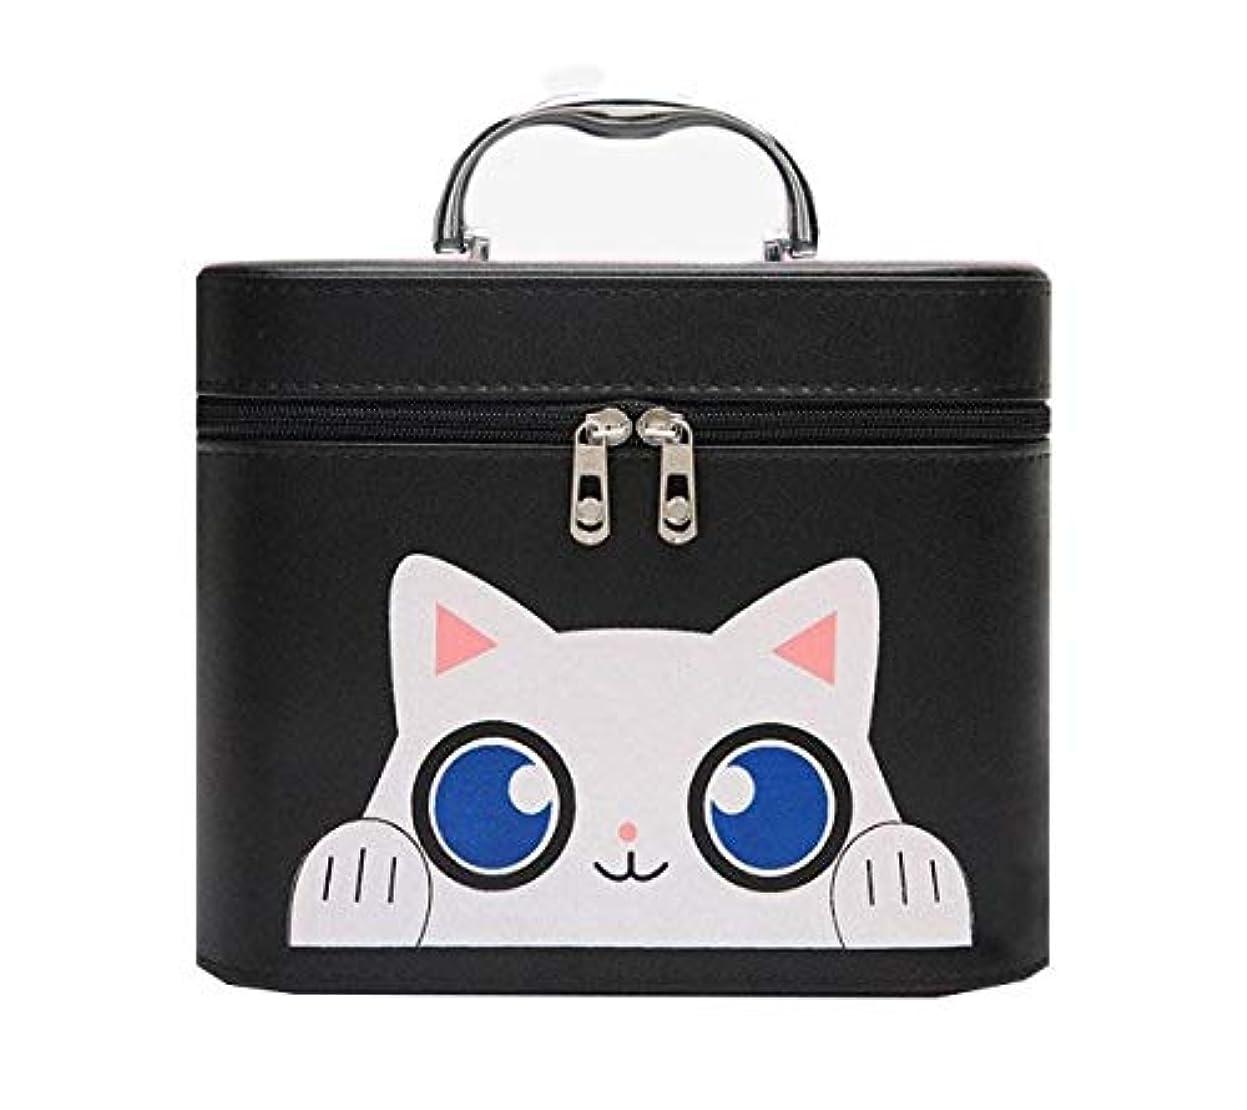 ウサギクレタ虚偽化粧箱、黒漫画猫化粧品ケース、ポータブル旅行化粧品ケース、美容ネイルジュエリー収納ボックス (Size : L)